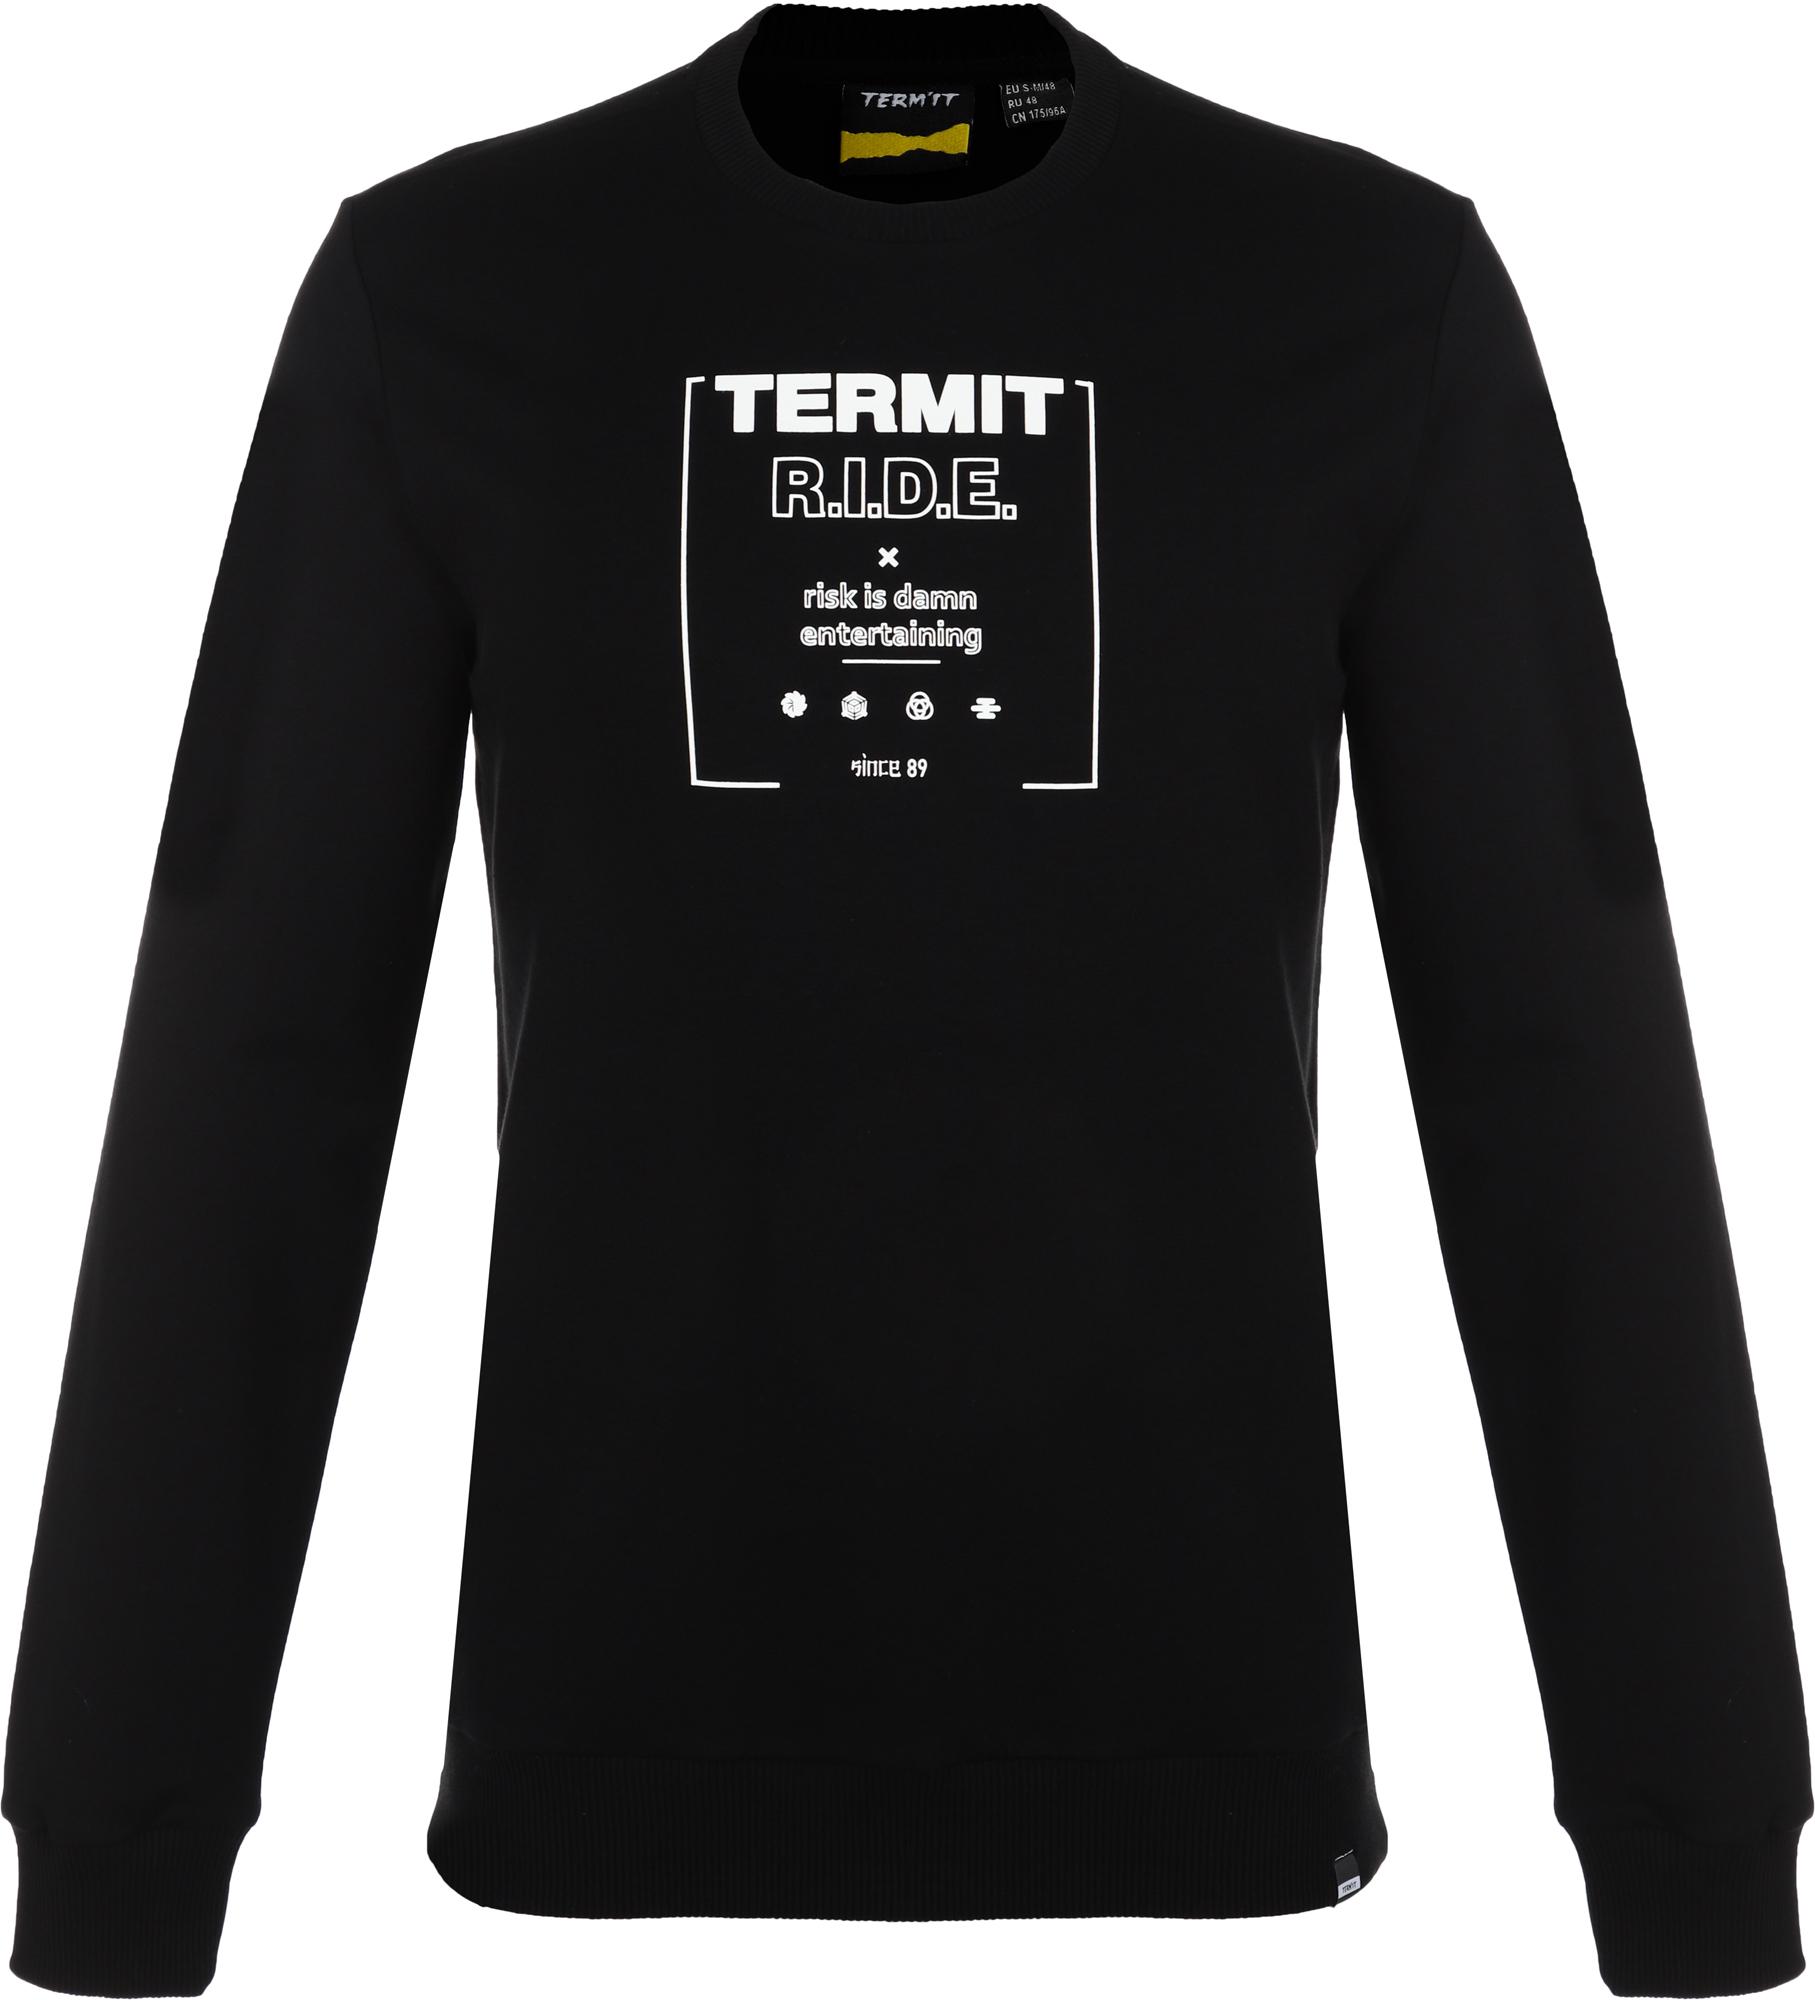 Фото - Termit Свитшот мужской Termit, размер 46 termit лонгслив мужской termit размер 52